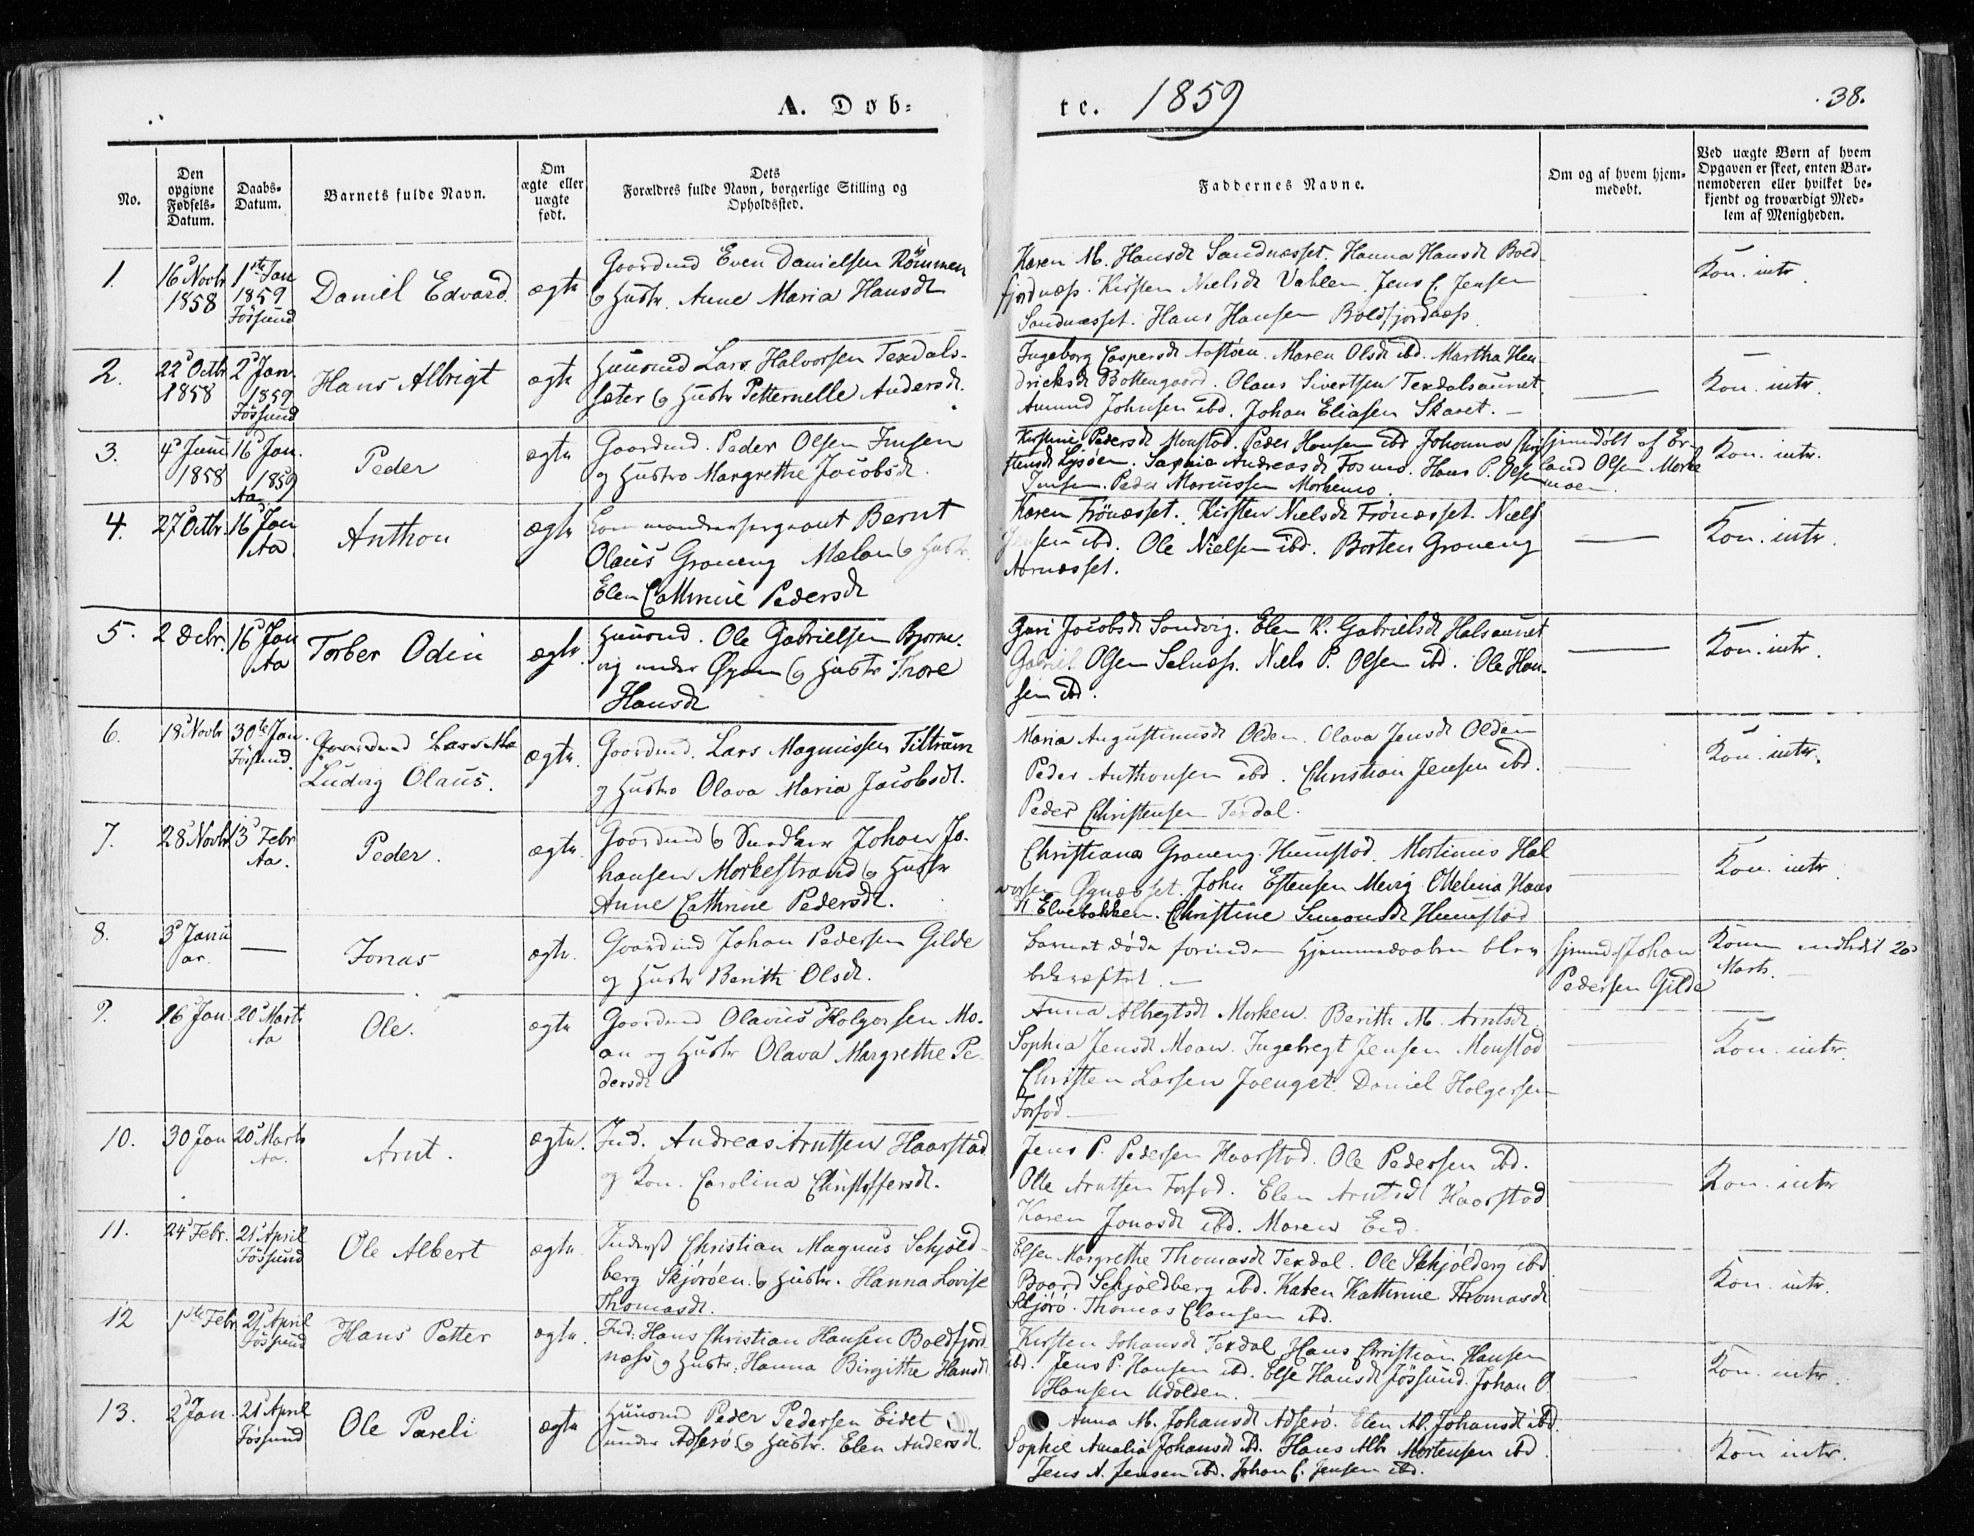 SAT, Ministerialprotokoller, klokkerbøker og fødselsregistre - Sør-Trøndelag, 655/L0677: Ministerialbok nr. 655A06, 1847-1860, s. 38